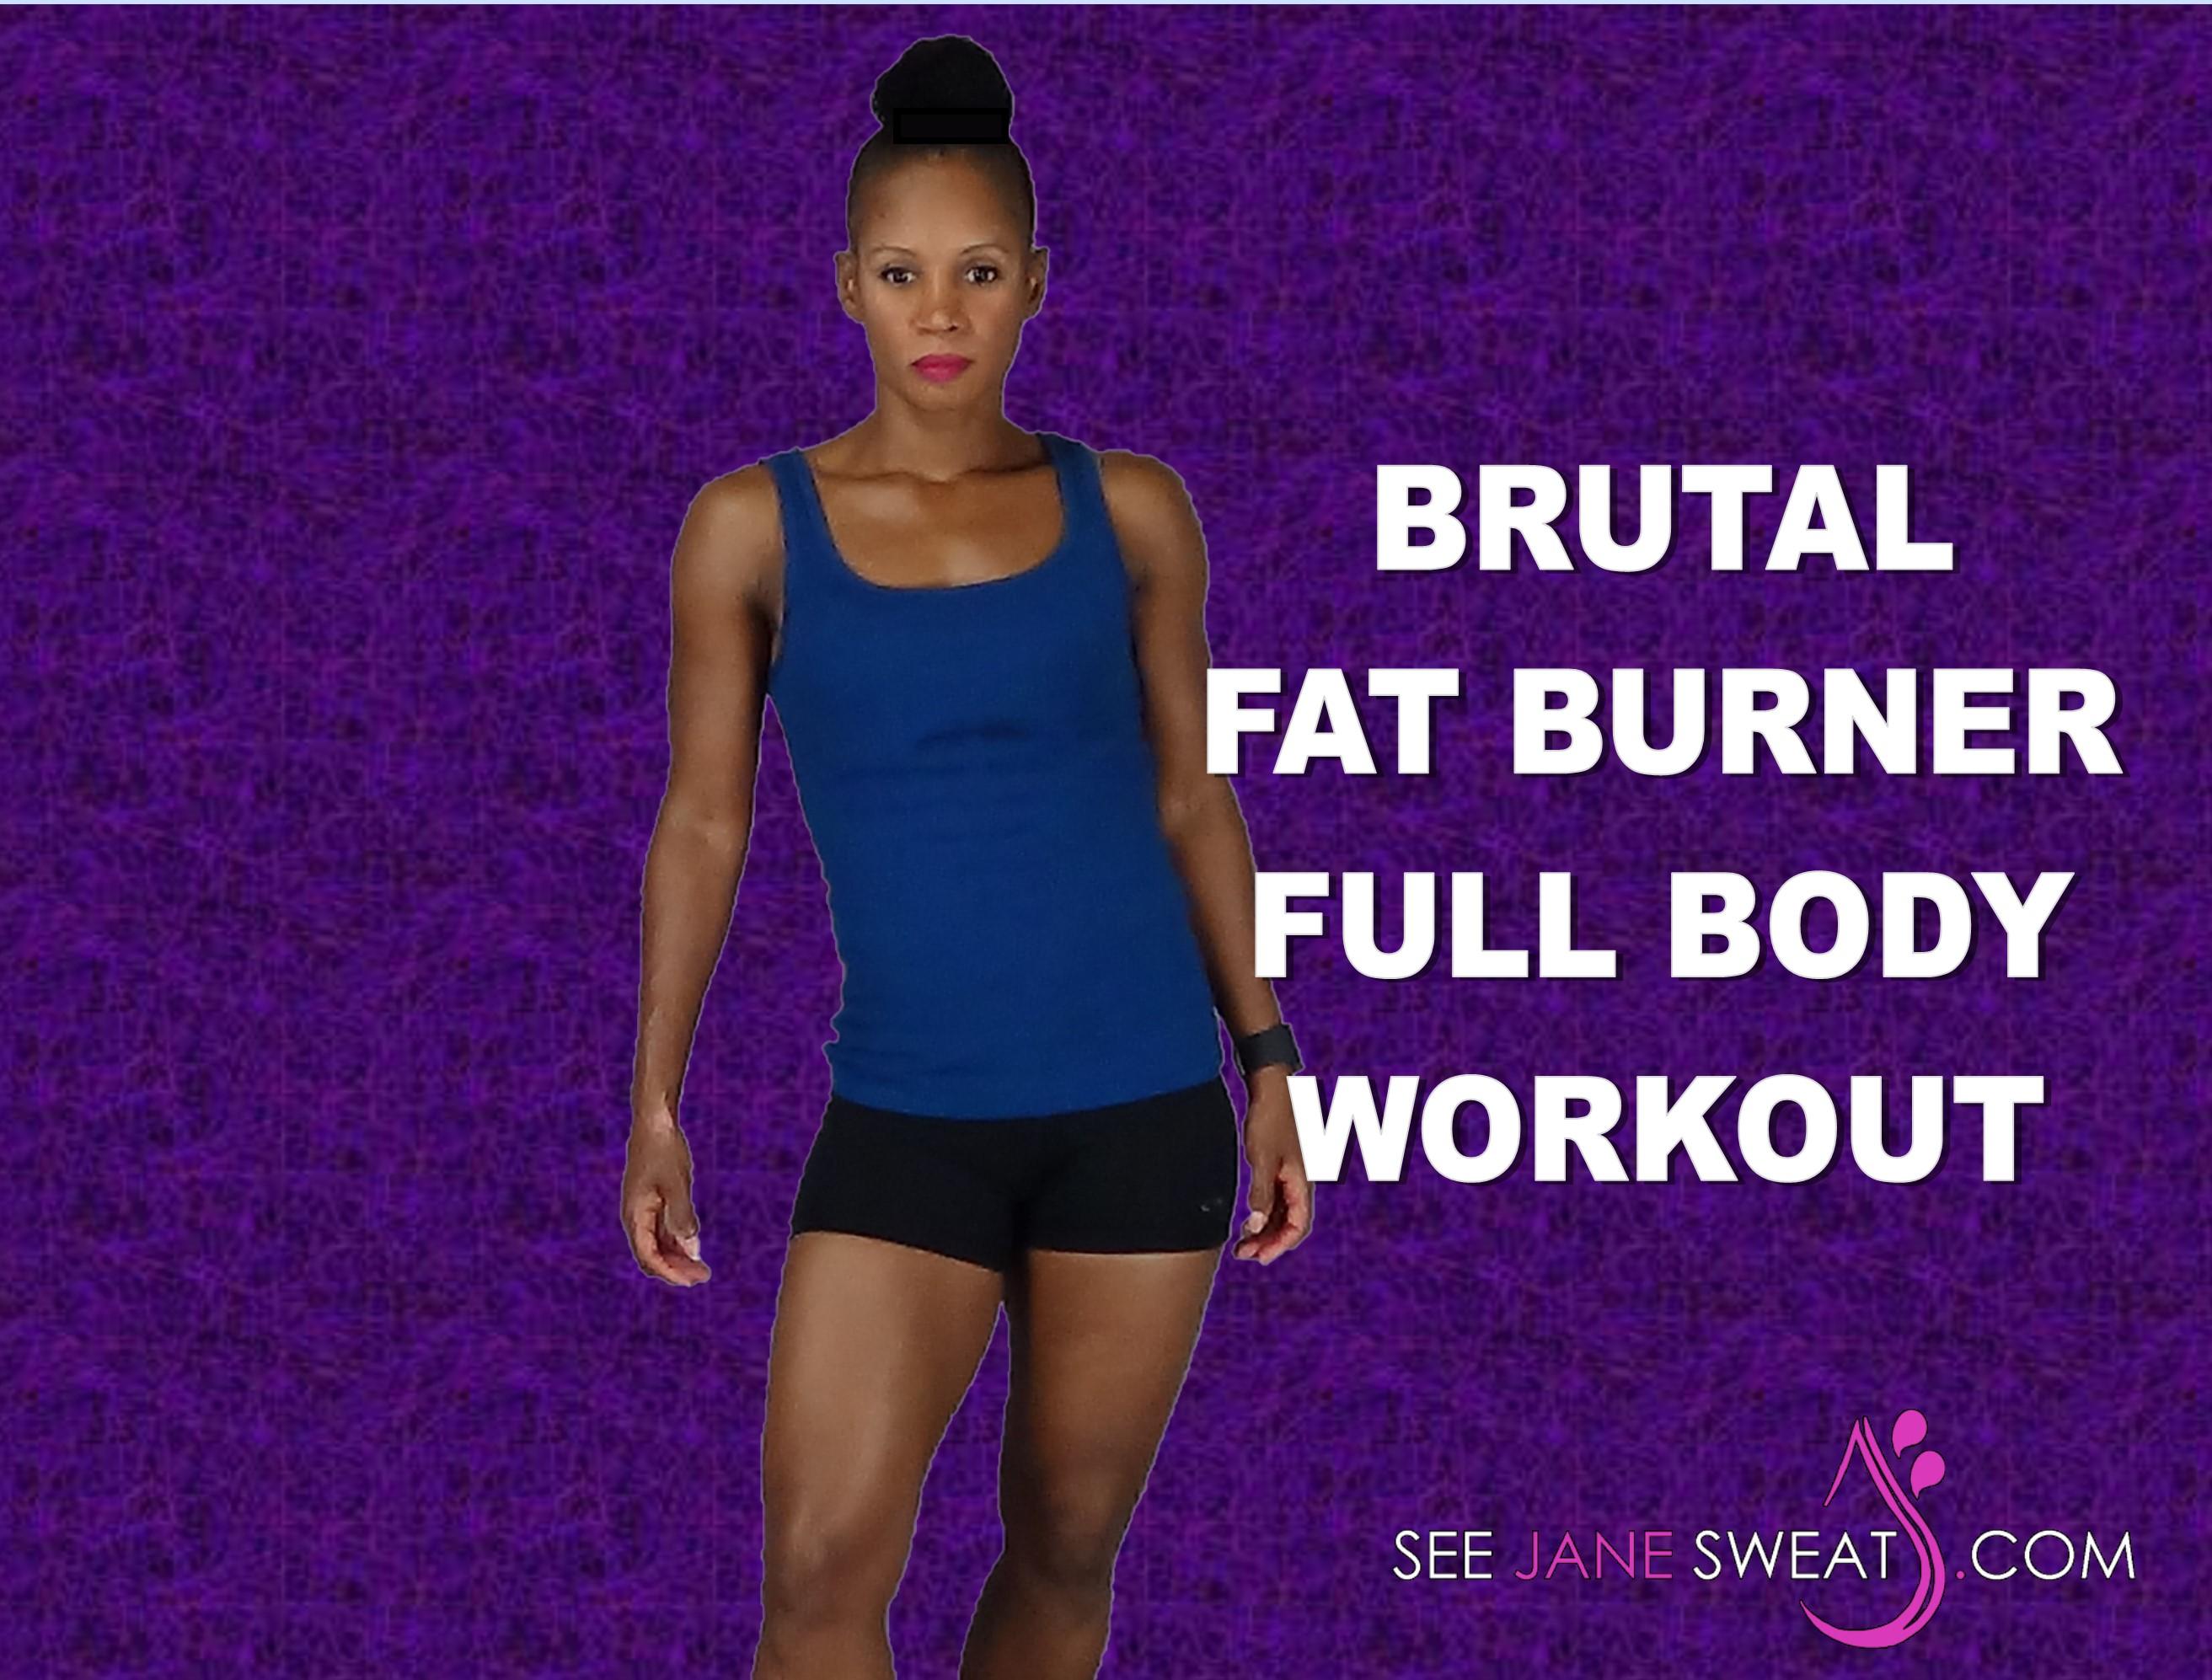 Brutal Fat Burner Full Body Workout